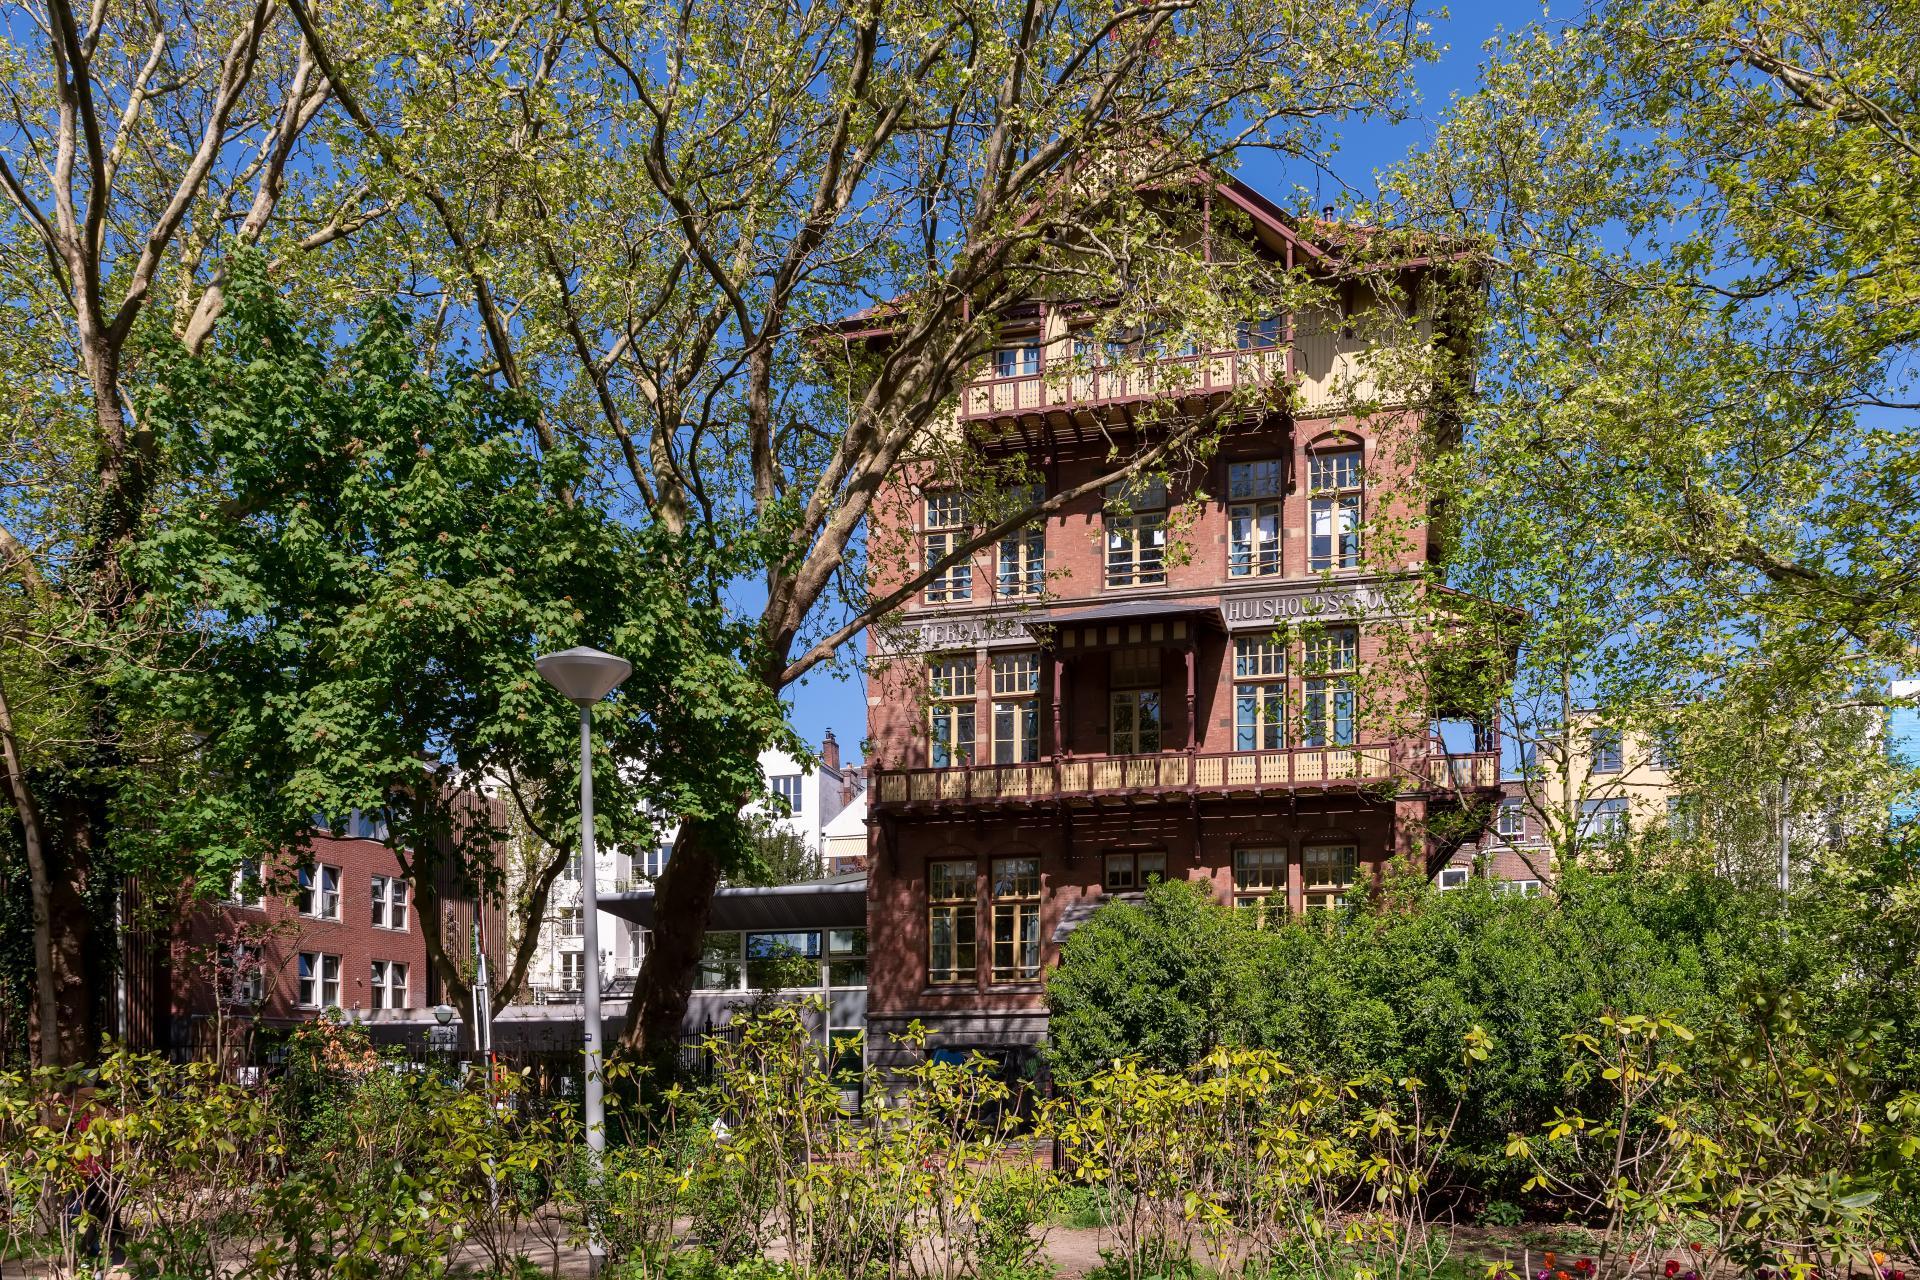 Hostel Stayokay Amsterdam Vondelpark